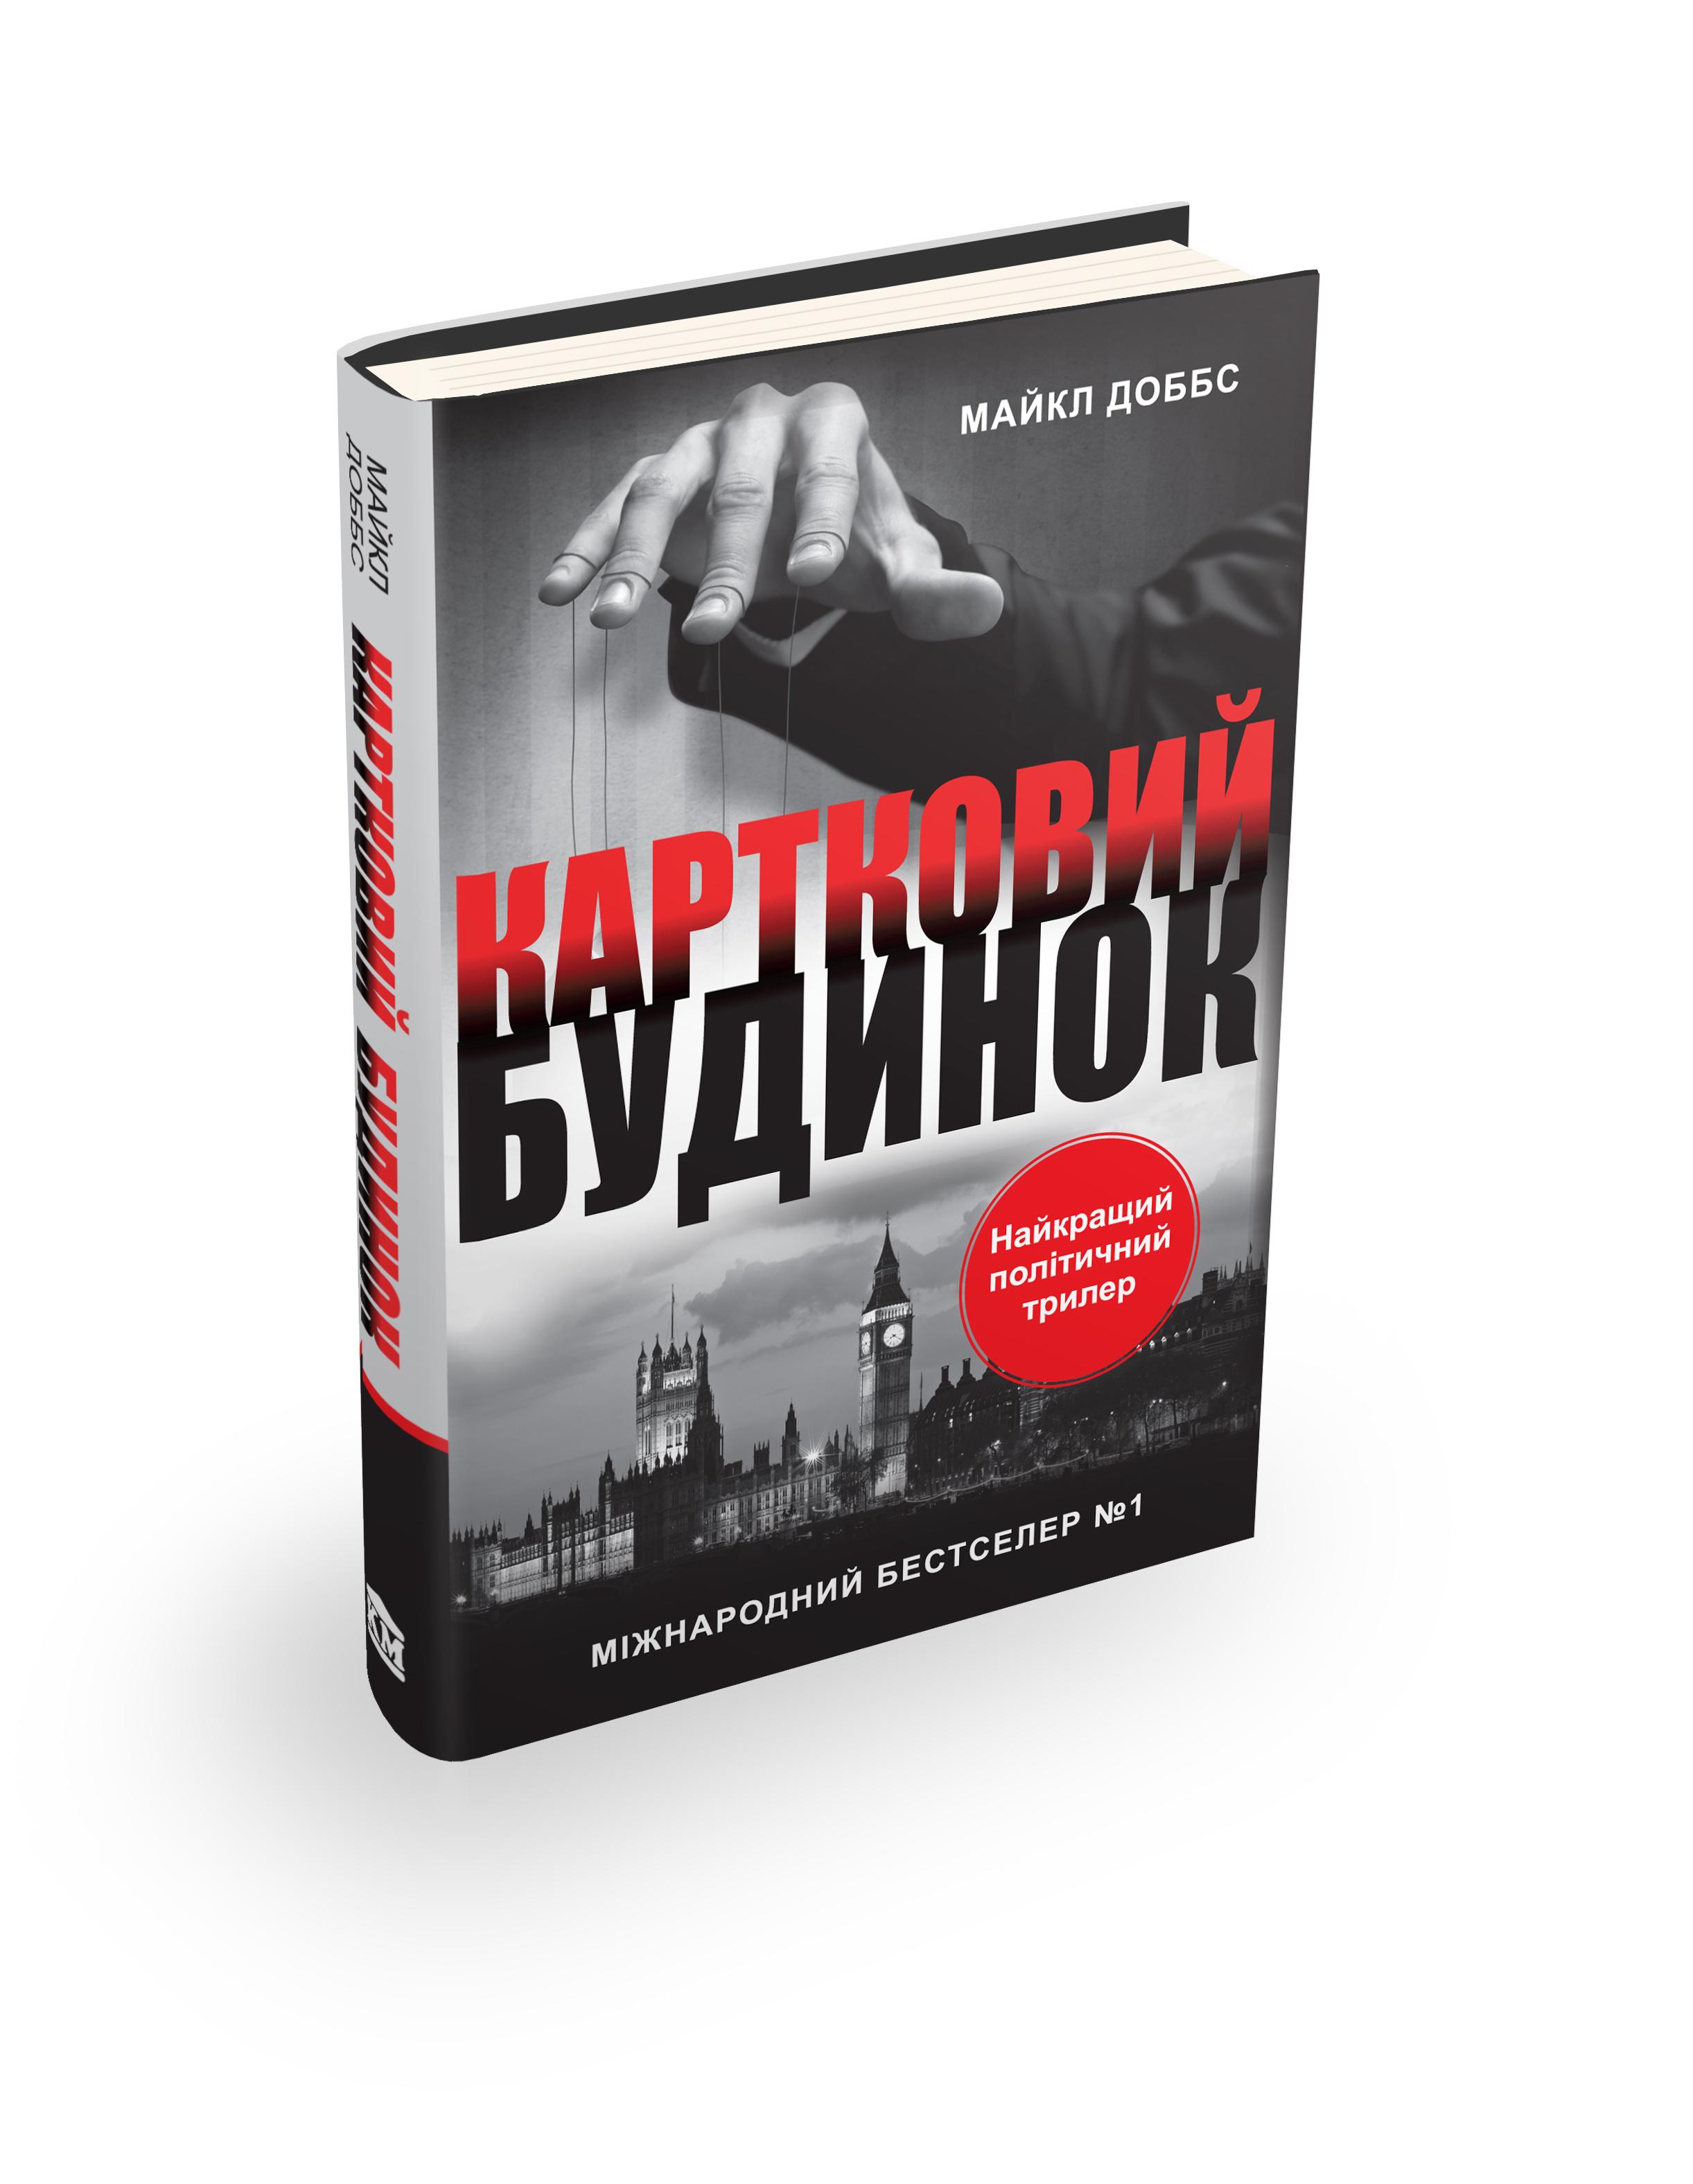 """Бестселлер """"Картковий будинок"""" виходить українською - фото 1"""